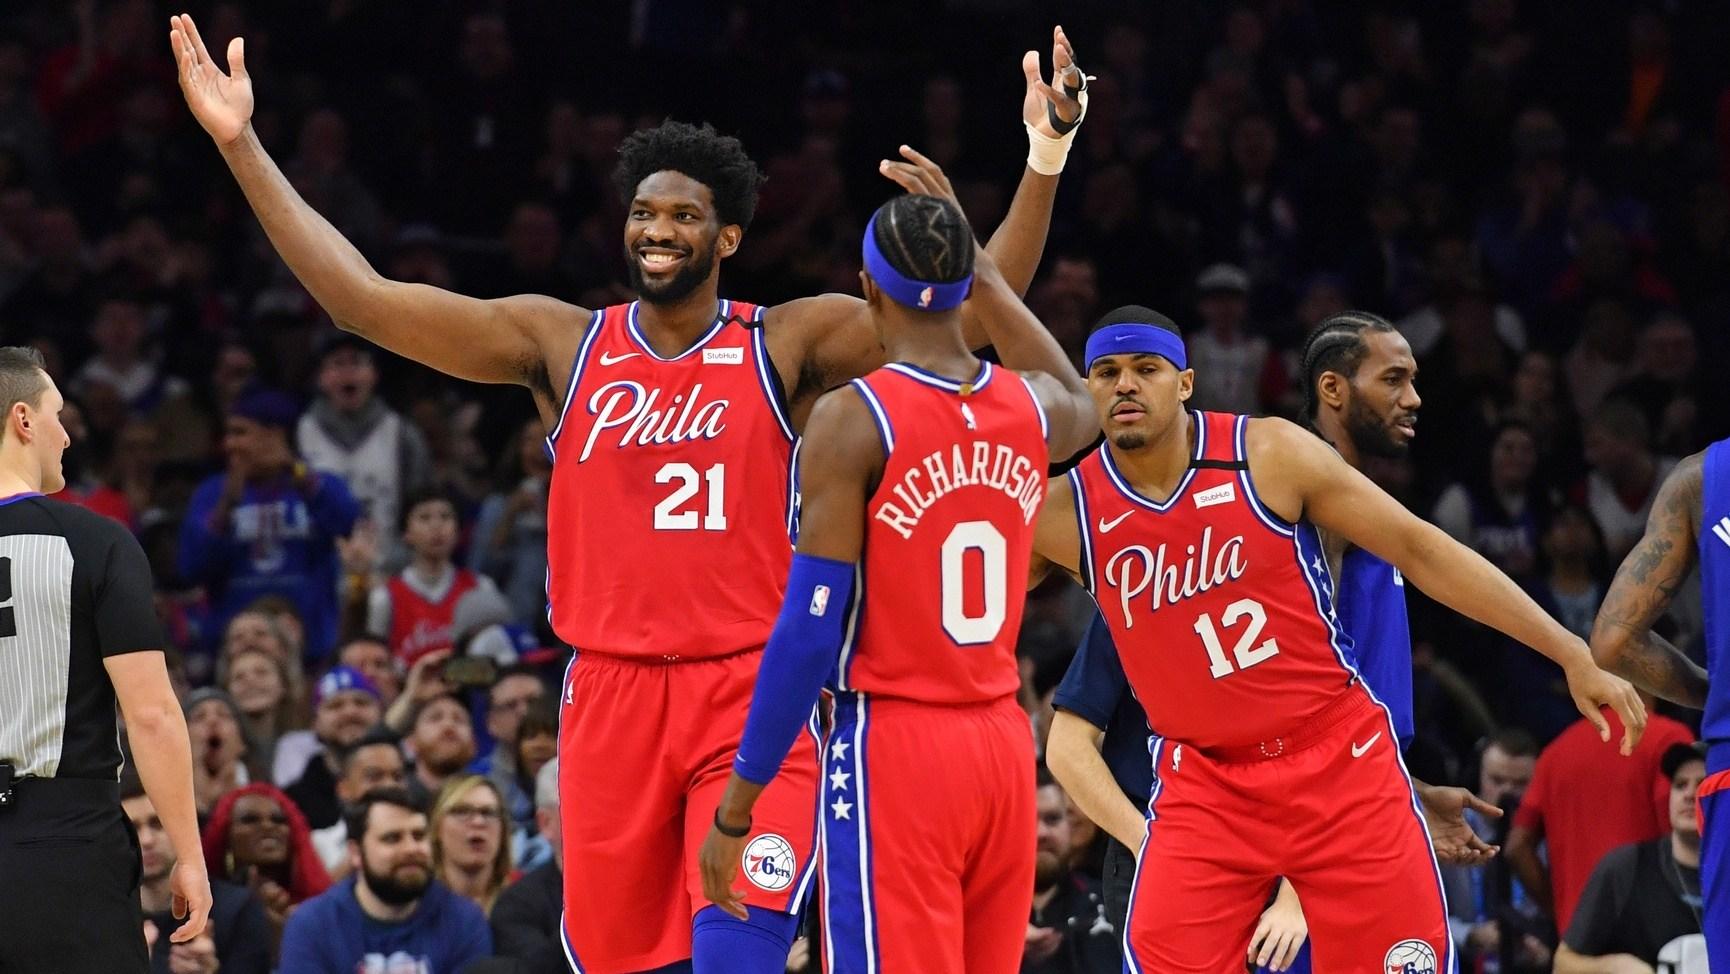 【回放】快船vs76人第2节 莱昂纳德爆发率队追分_NBA全场回放